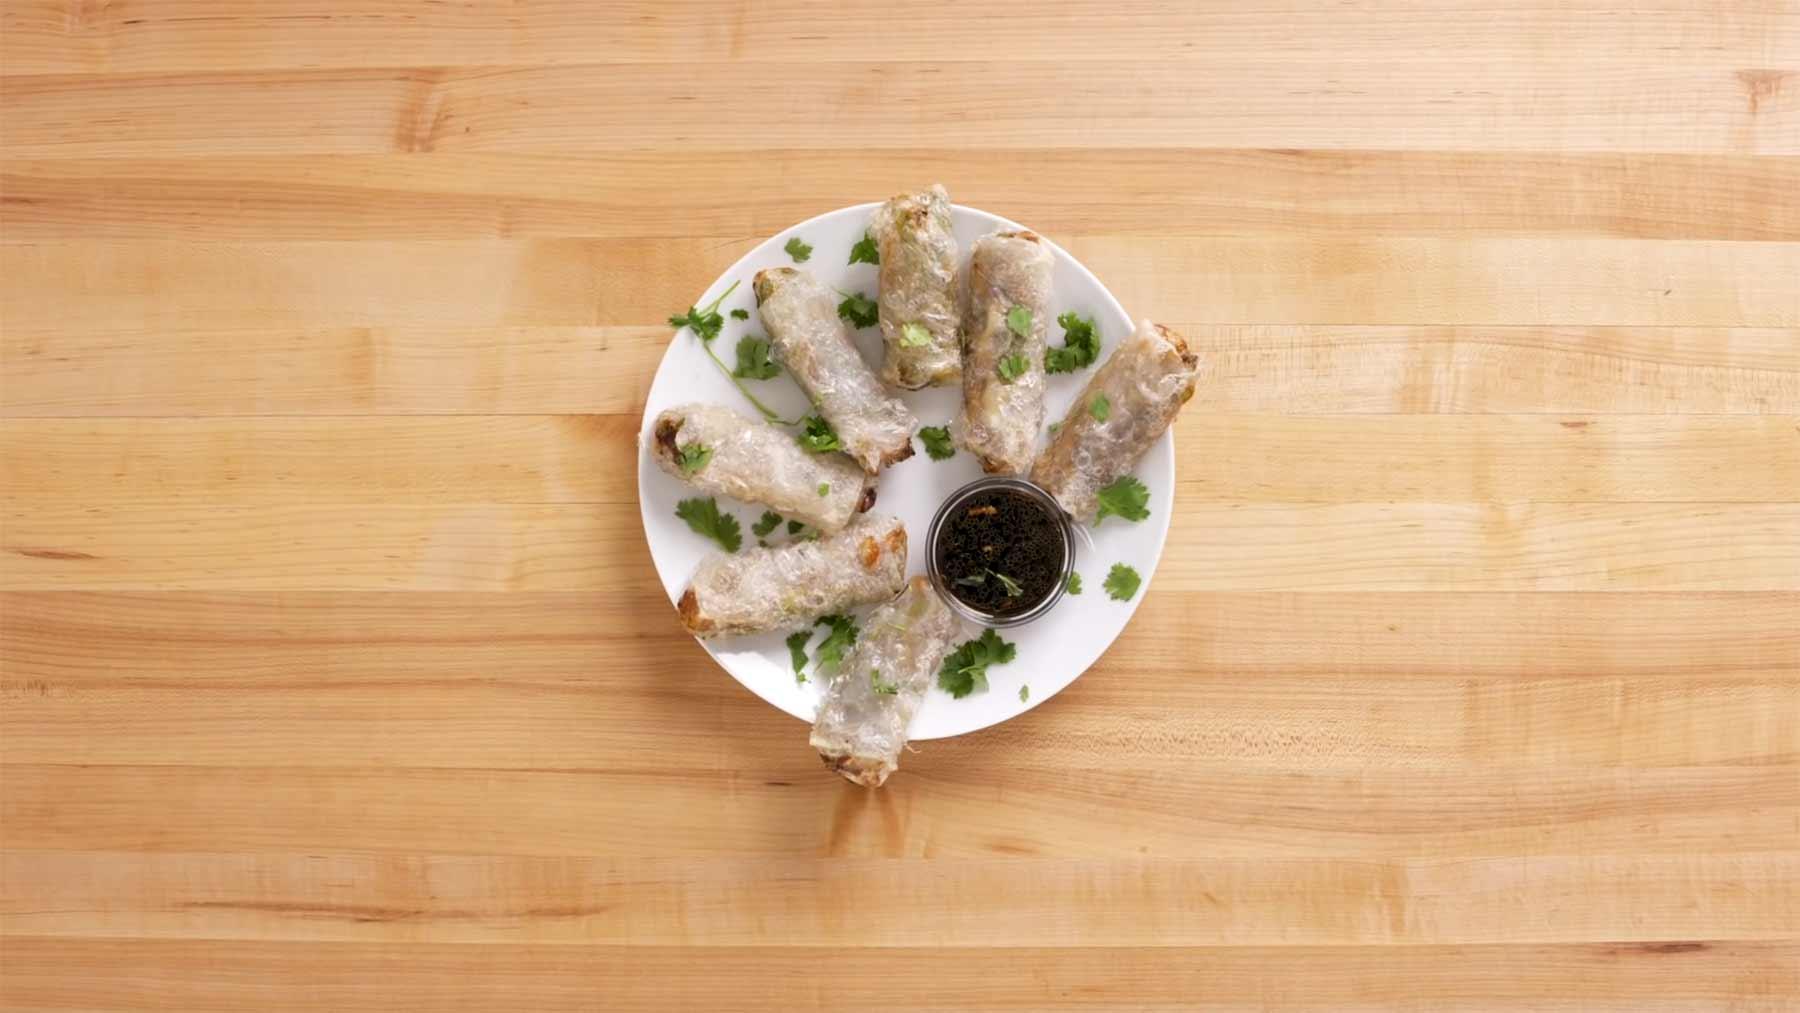 Köche unterschiedlicher Fähigkeitsstufen machen Frühlingsrollen fruehlingsrollen-kochen